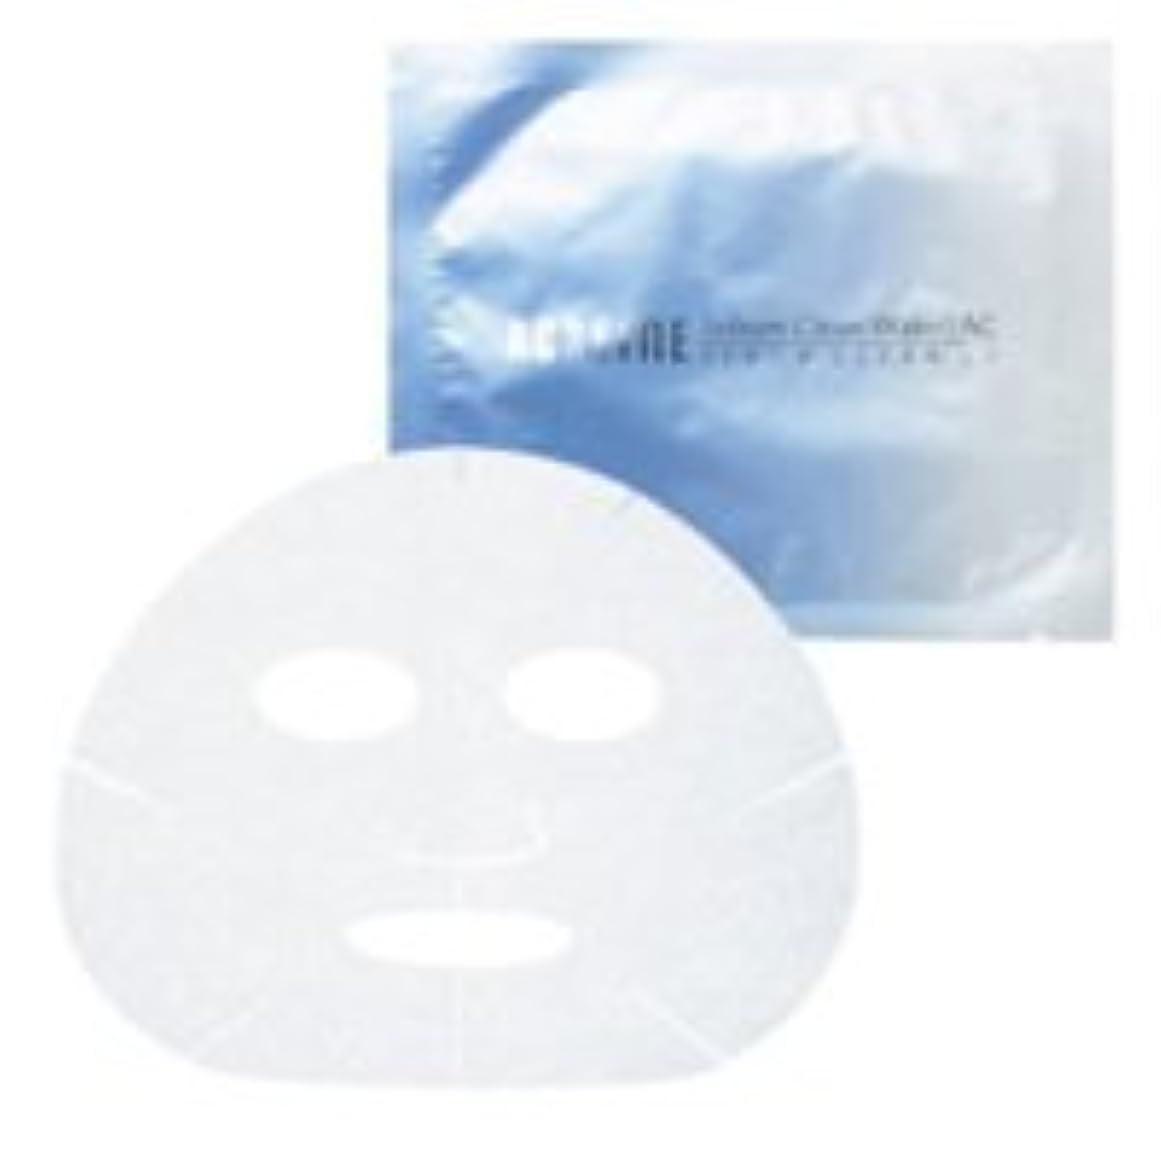 平衡キモい資格情報ACSEINE シーバムクリーン ウォーター ACモイストマスク 16ml×6枚 [並行輸入品]